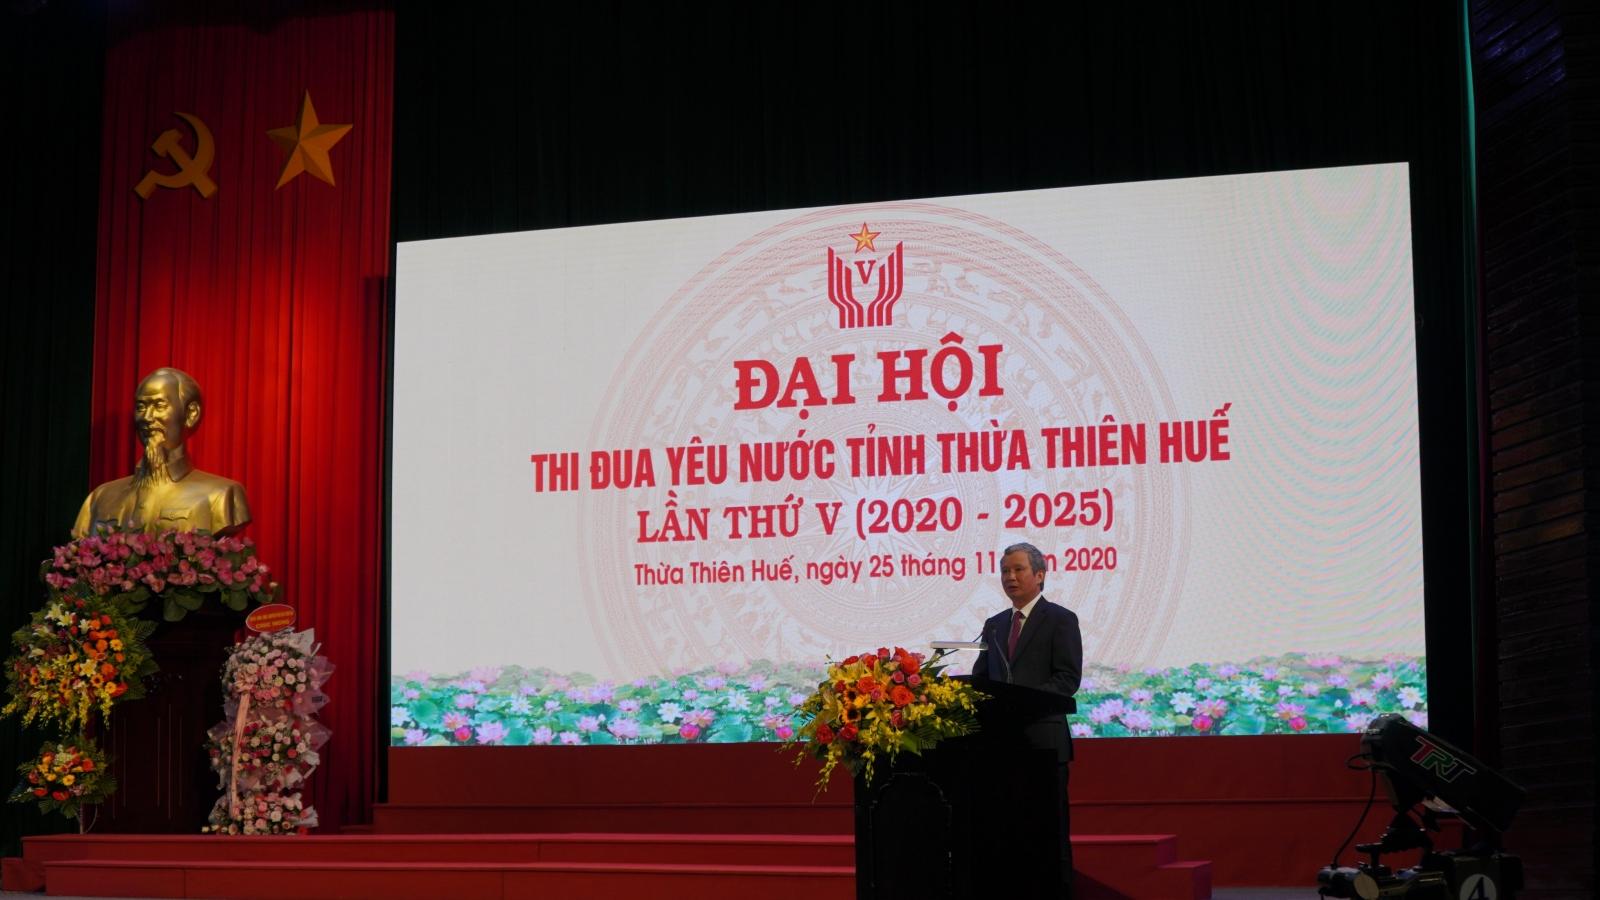 Hơn 300 đại biểu dự Đại hội thi đua yêu nước tỉnh Thừa Thiên Huế lần thứ V